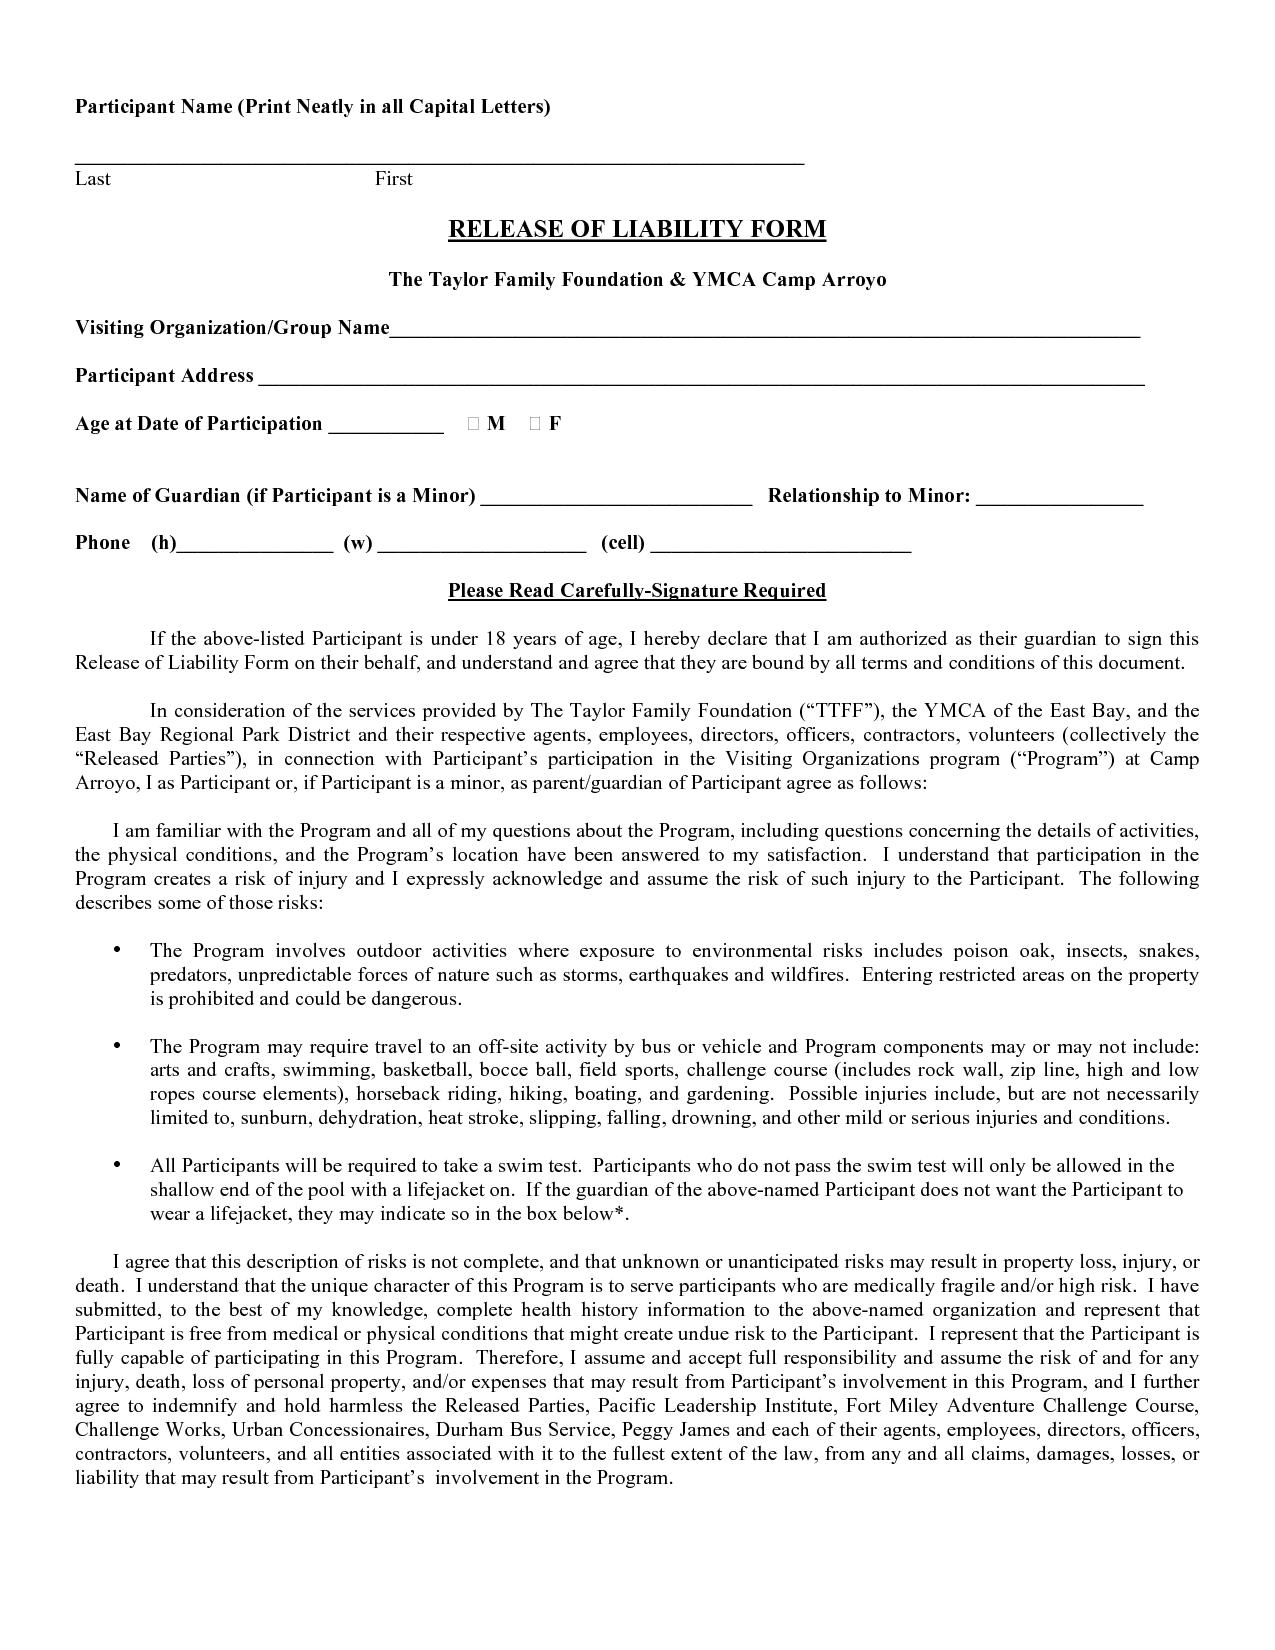 legal document for lending money